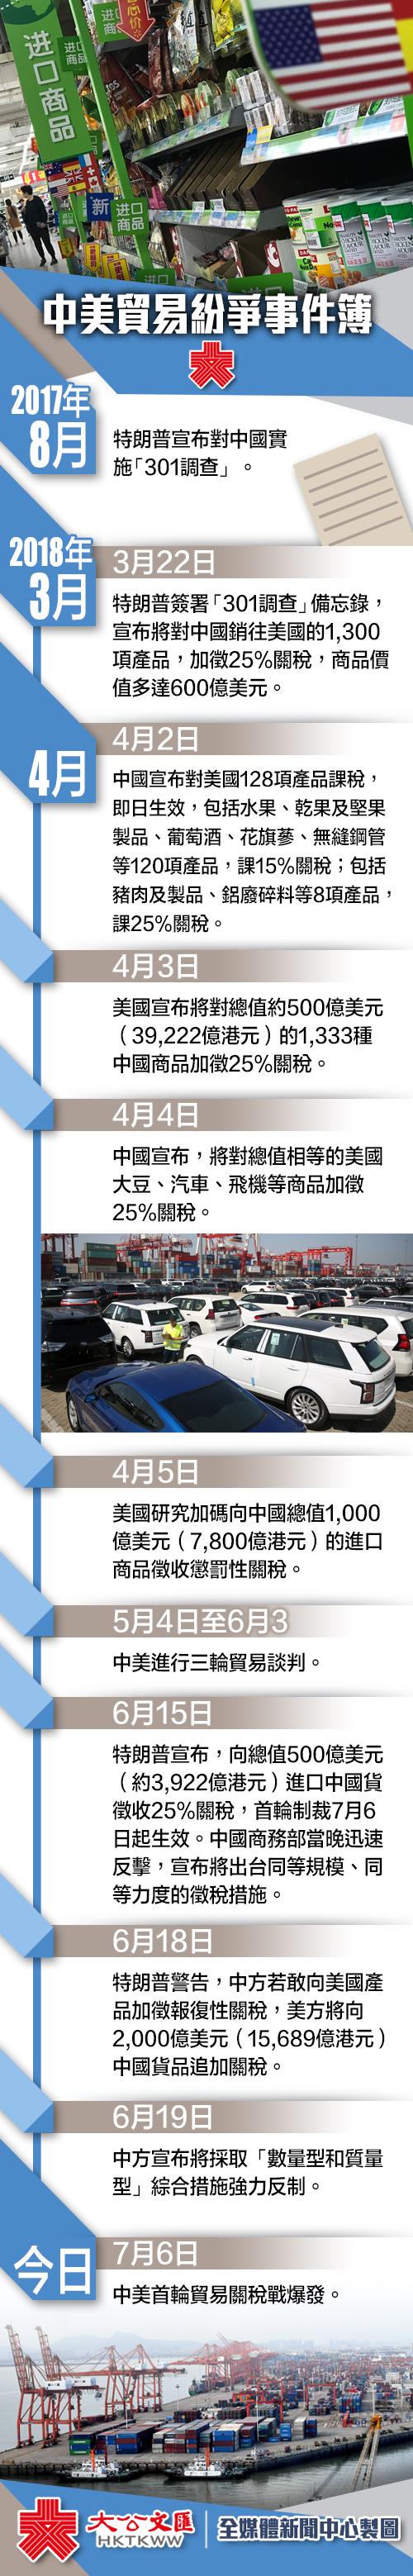 中國對美關稅反制措施已於6日12:01正式實施